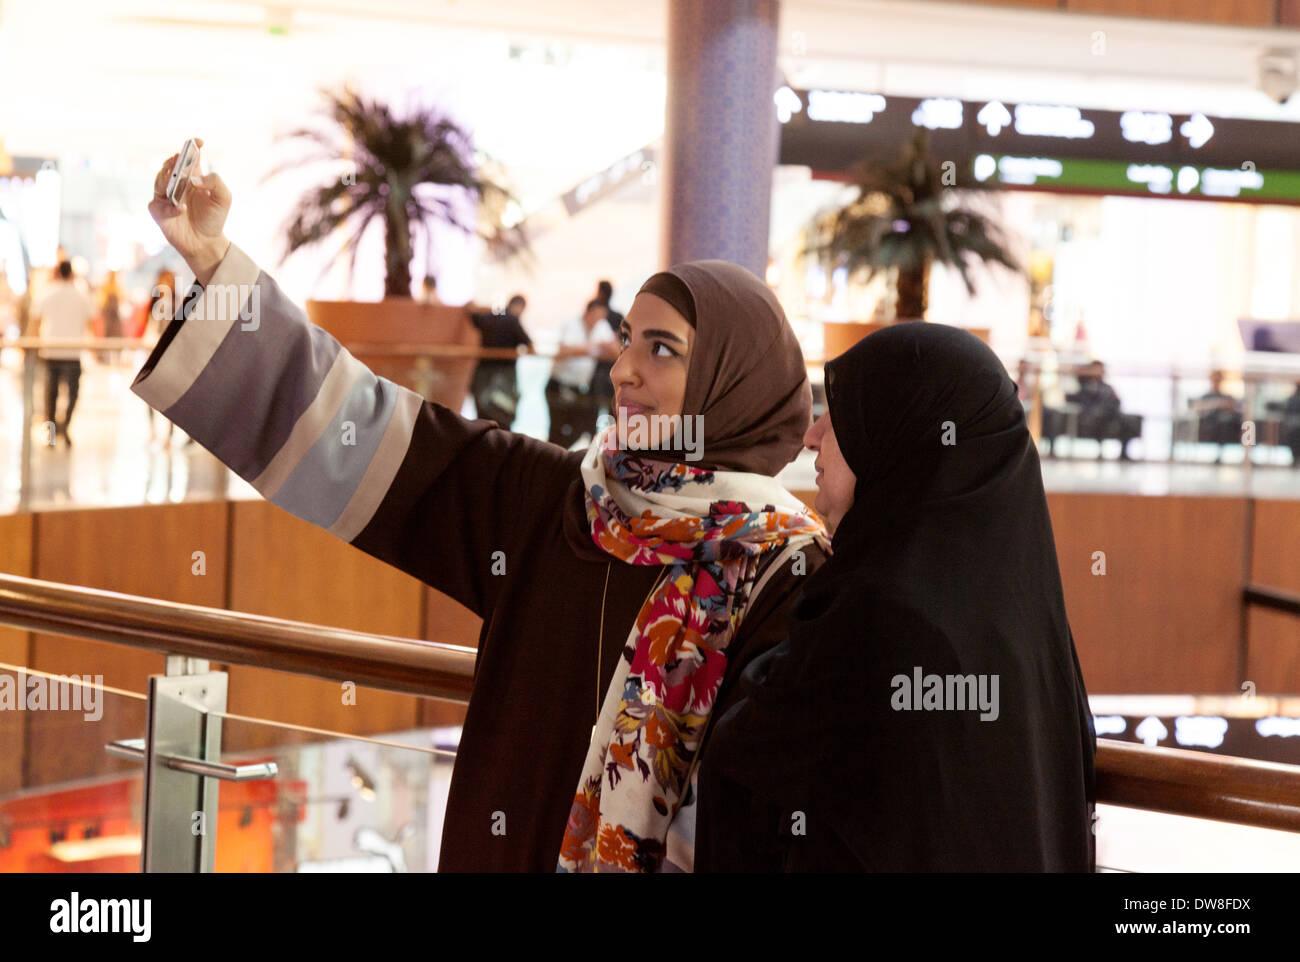 Dos mujeres árabes musulmanes tomando un selfie en un teléfono móvil, el centro comercial Dubai, EAU, Emiratos Arabes Unidos, Oriente Medio Imagen De Stock